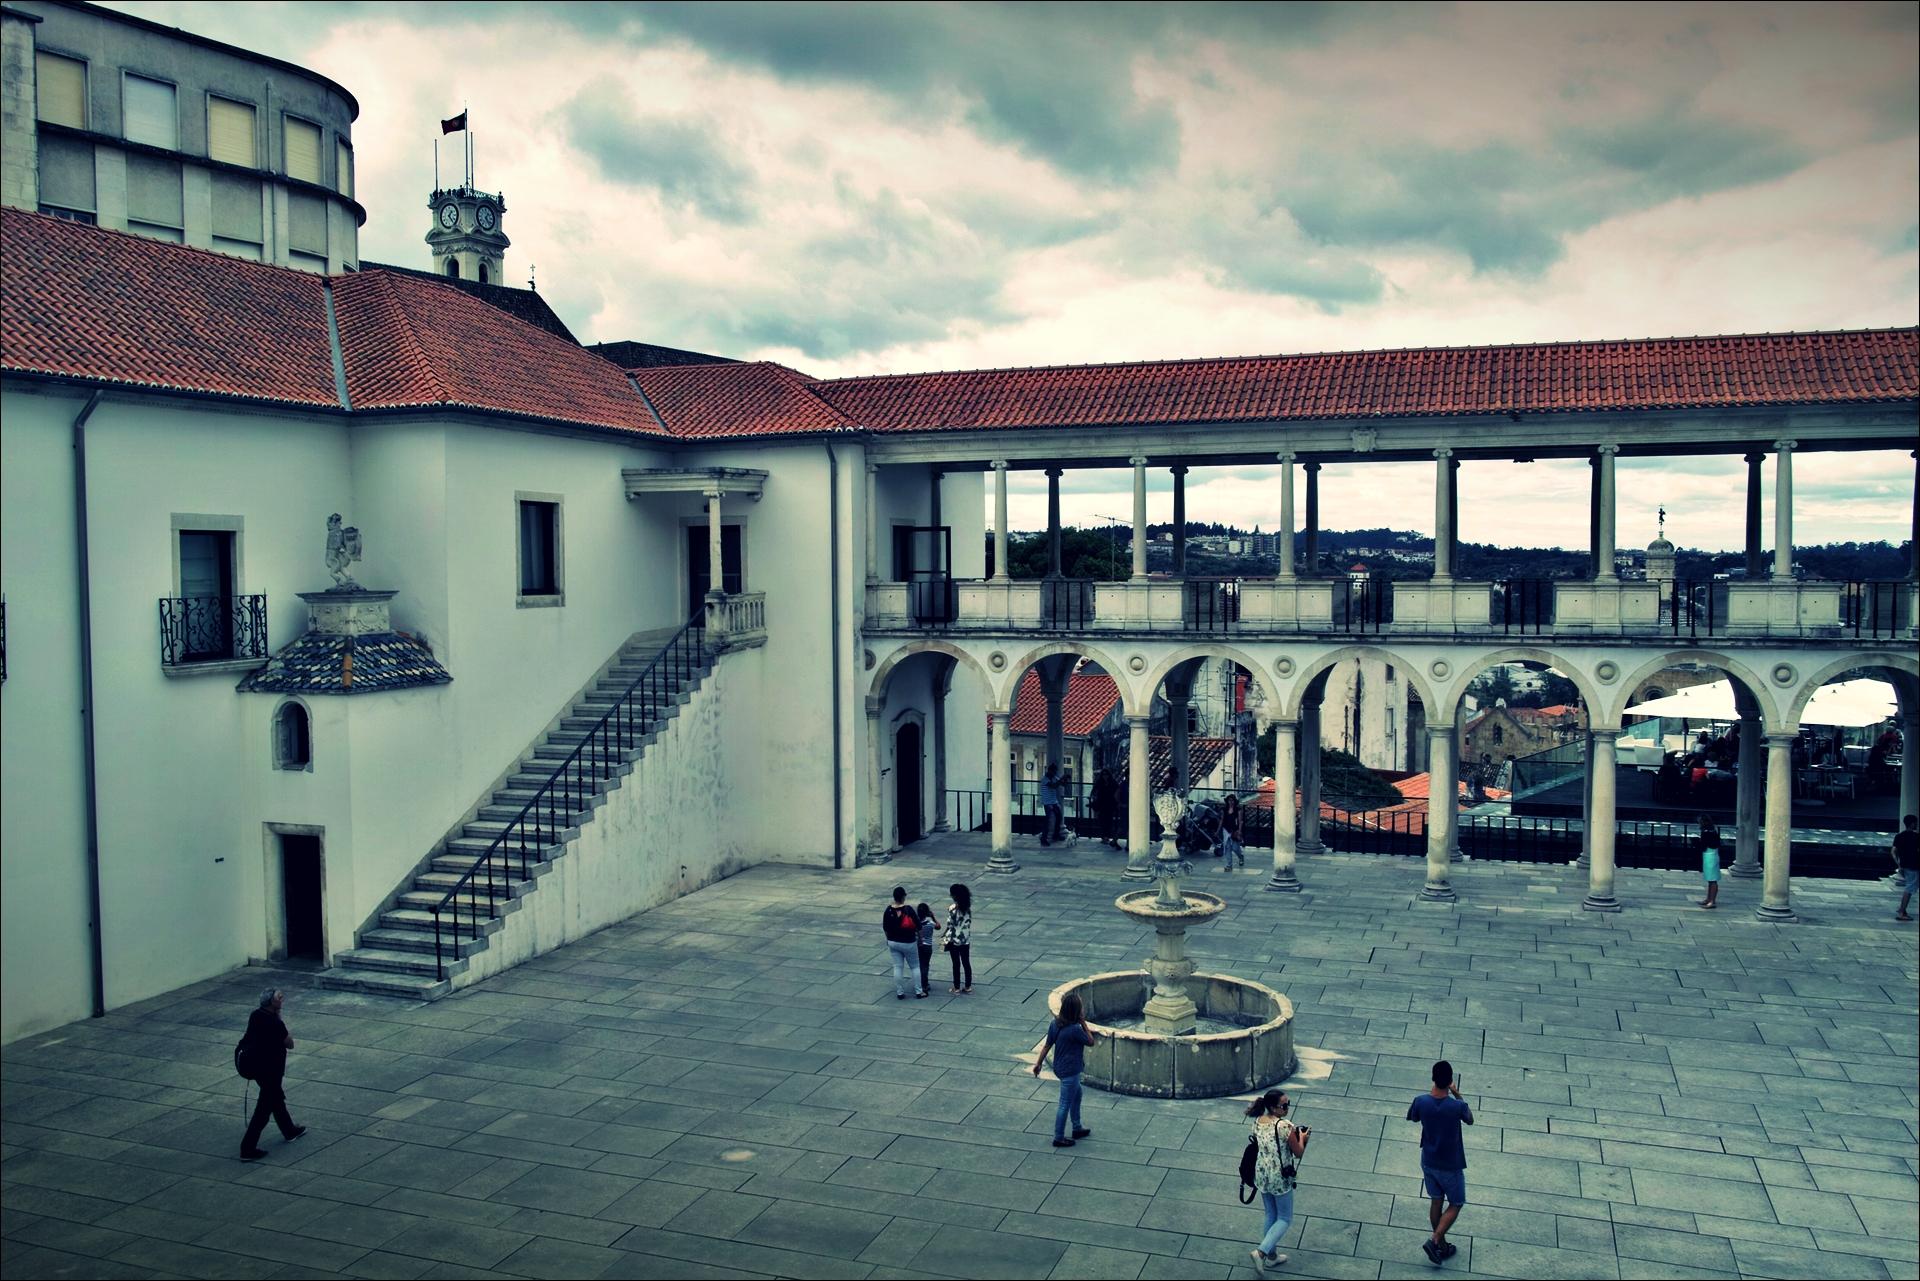 박물관(Museu Nacional Machado De Castro)-'코임브라 Coimbra'